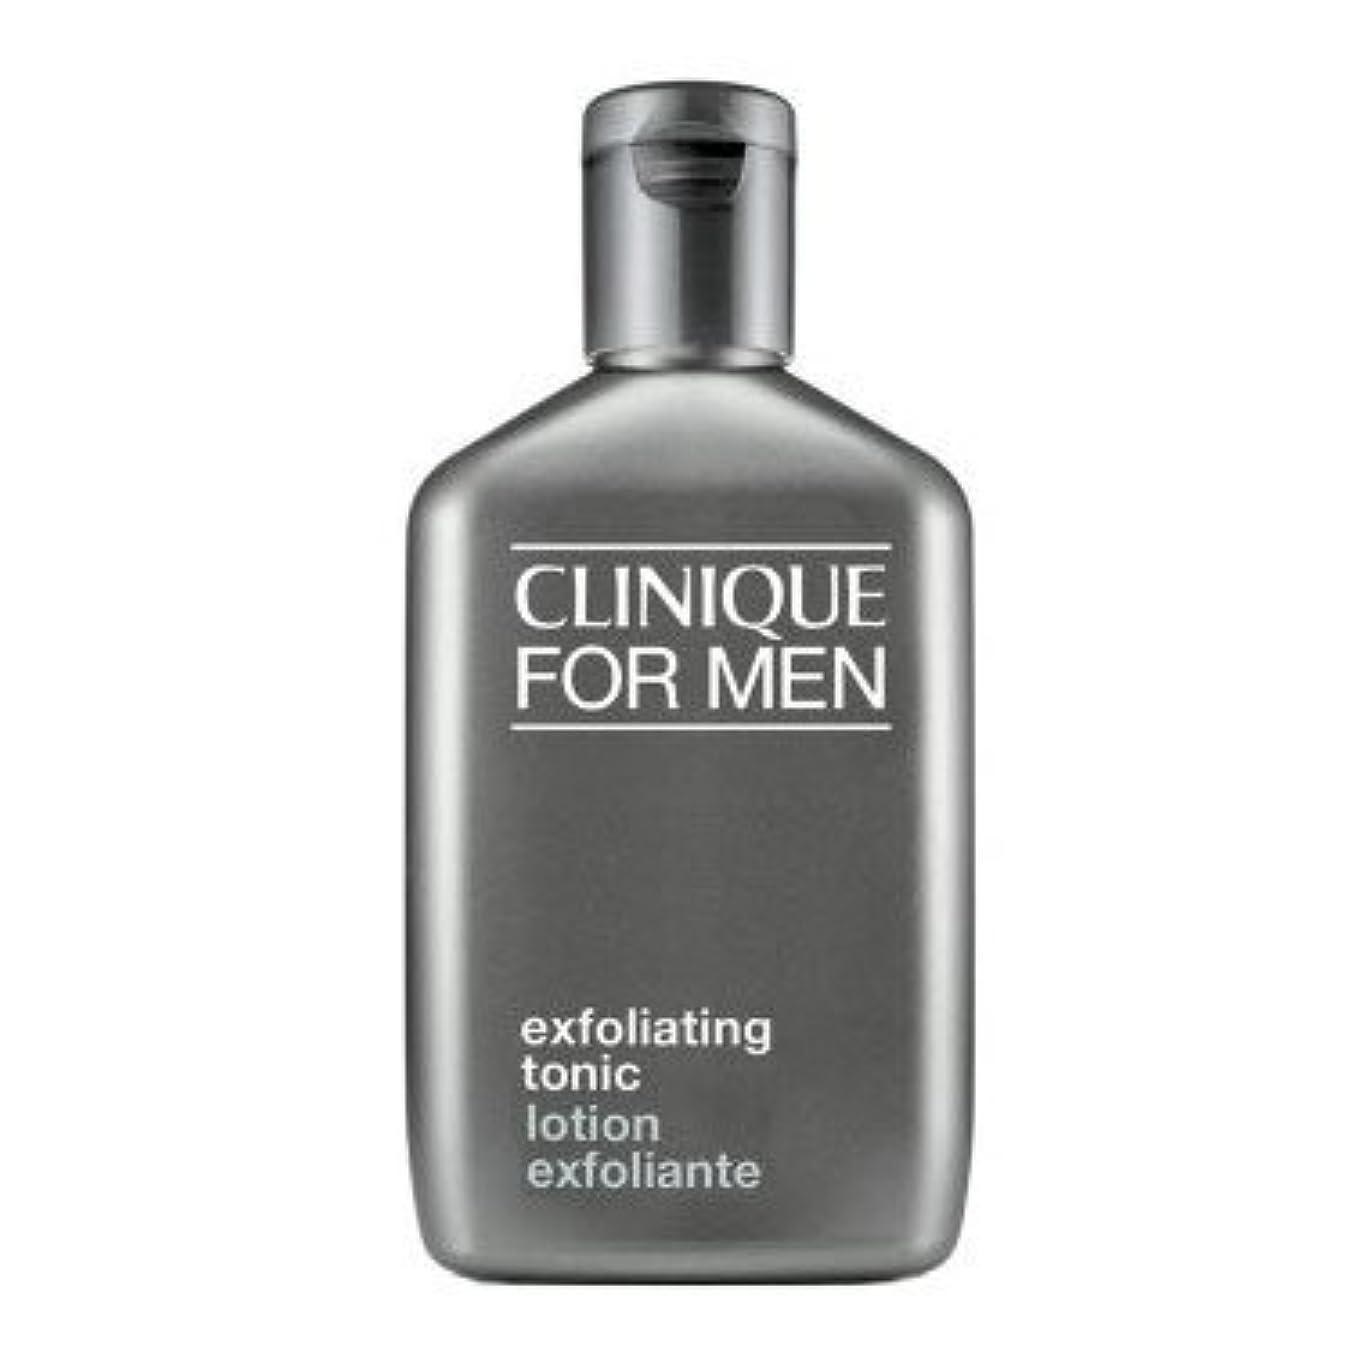 カッターアラート嫉妬クリニークフォーメン(CLINIQUE FOR MEN) エクスフォリエーティング トニック 200ml[並行輸入品]